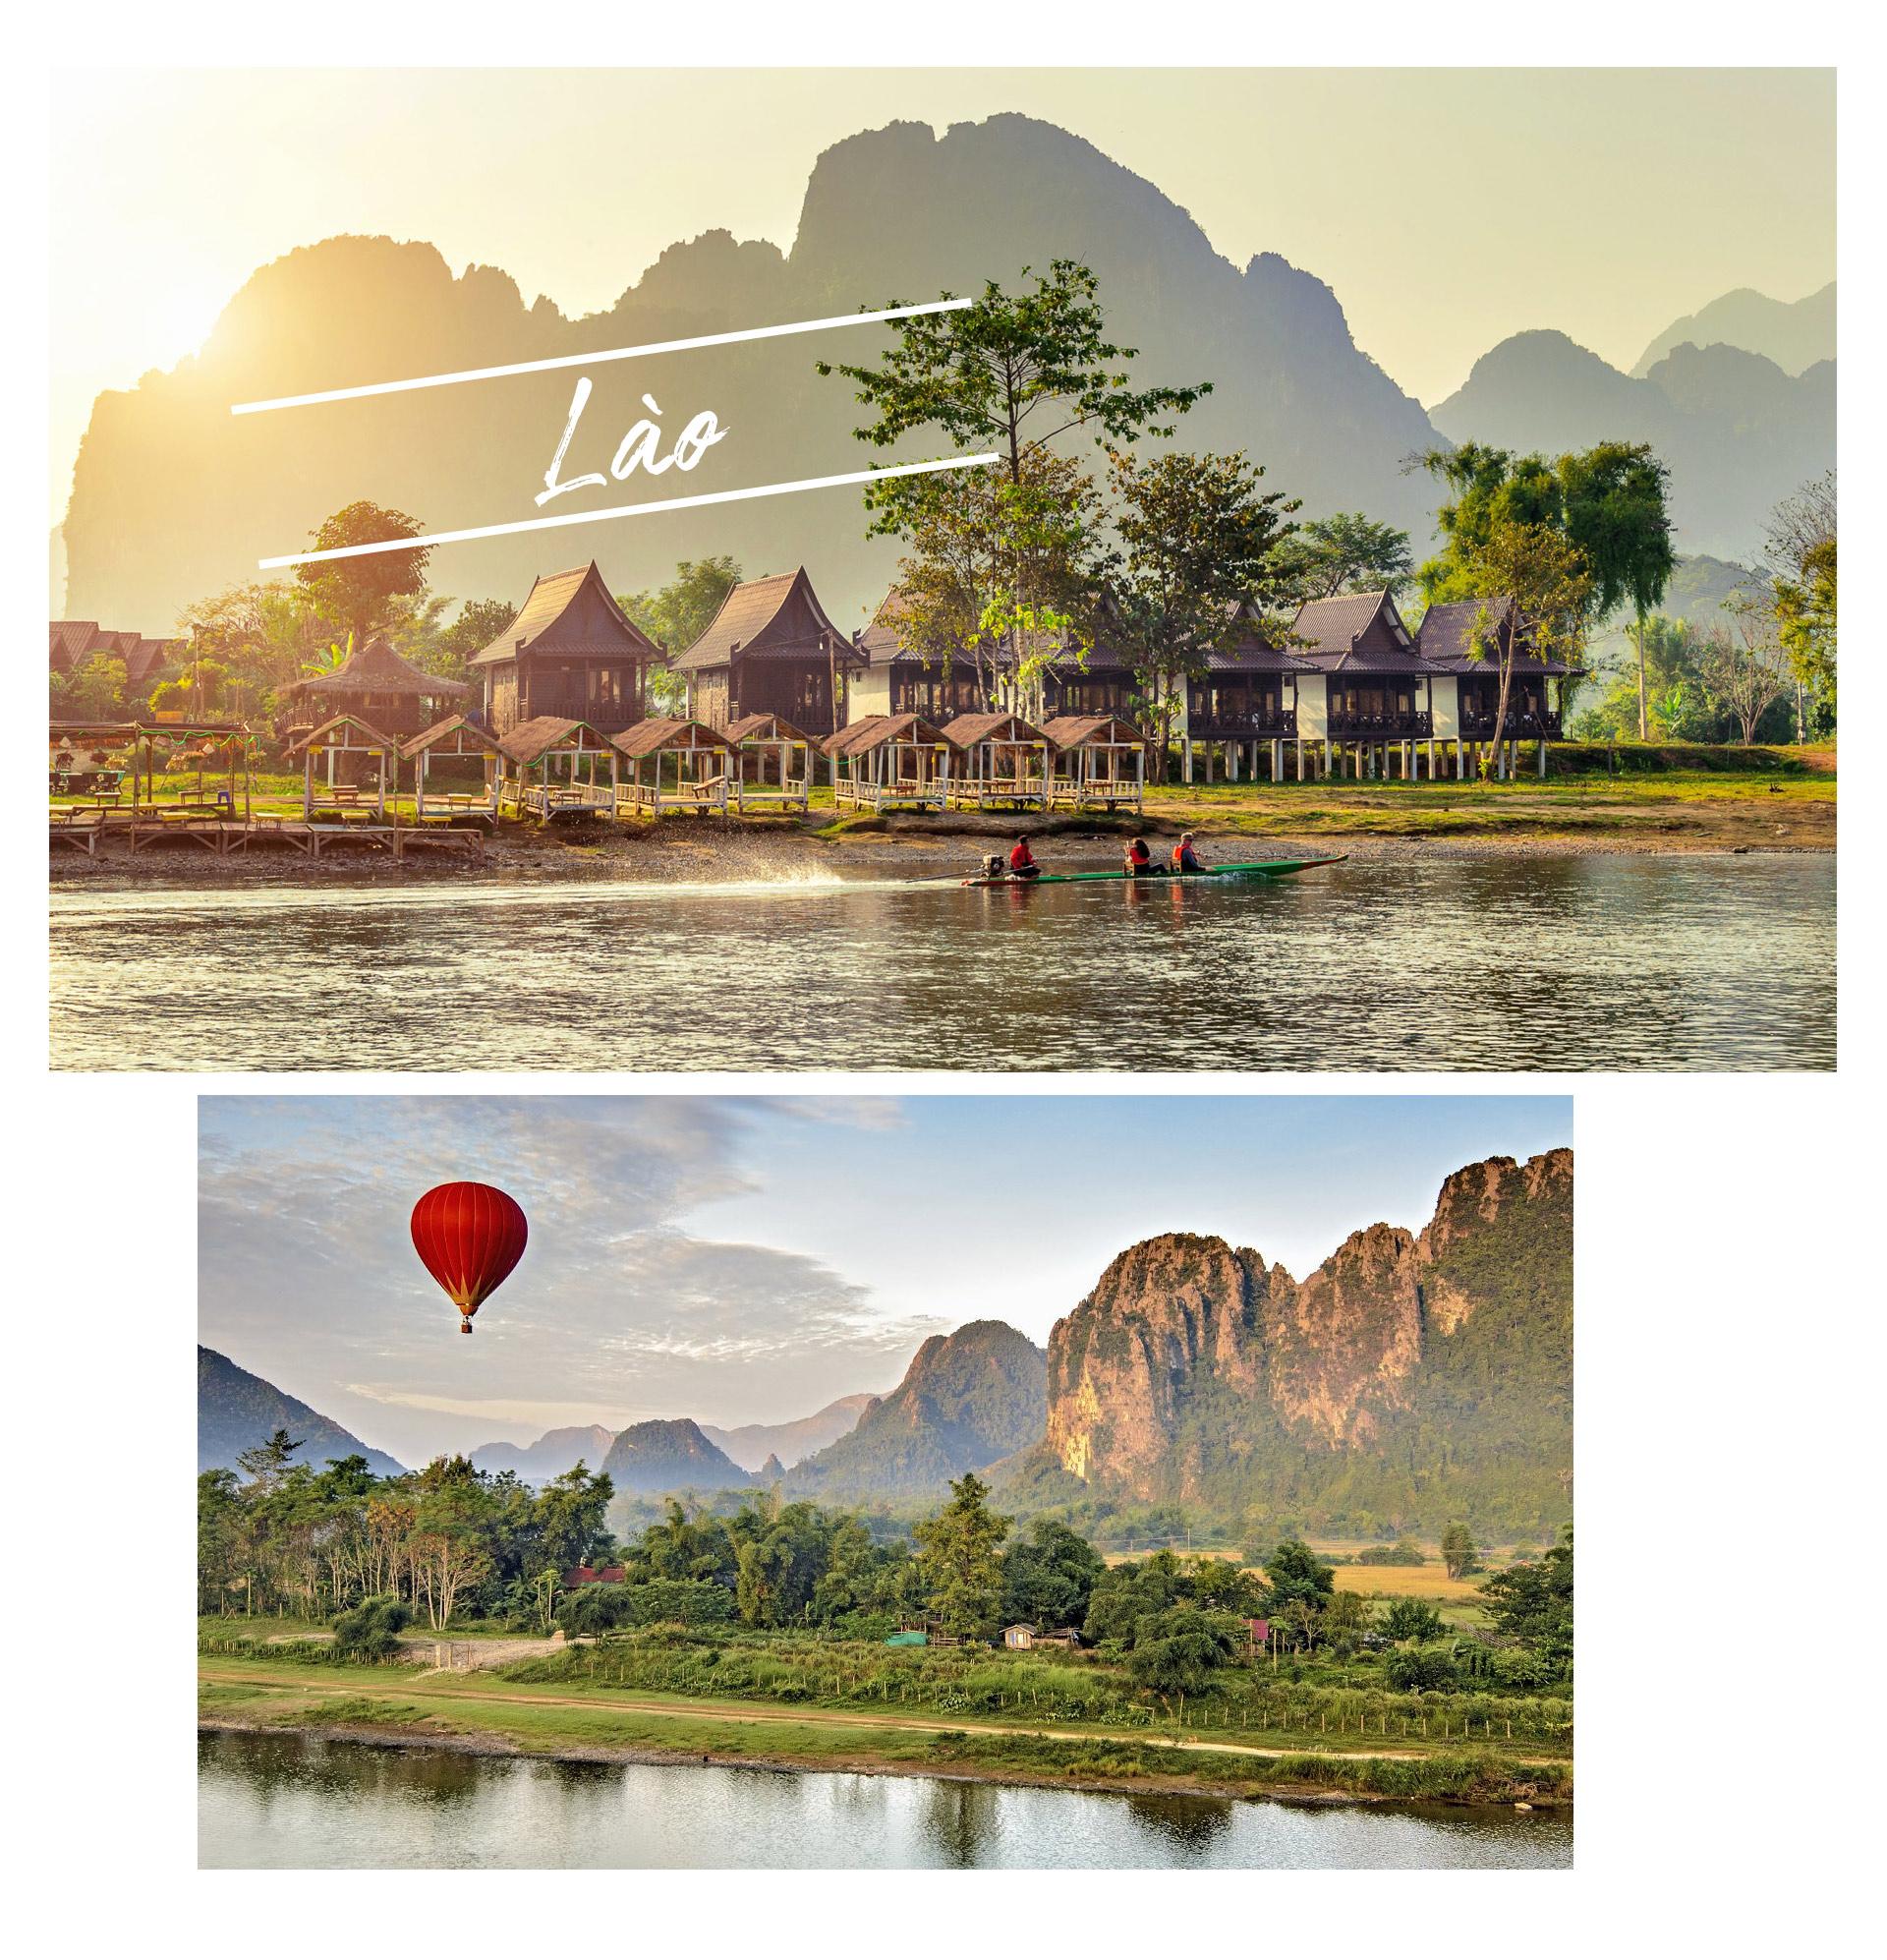 Những điểm đến mùa hè lung linh nhất Đông Nam Á, bạn không thể bỏ qua - 4